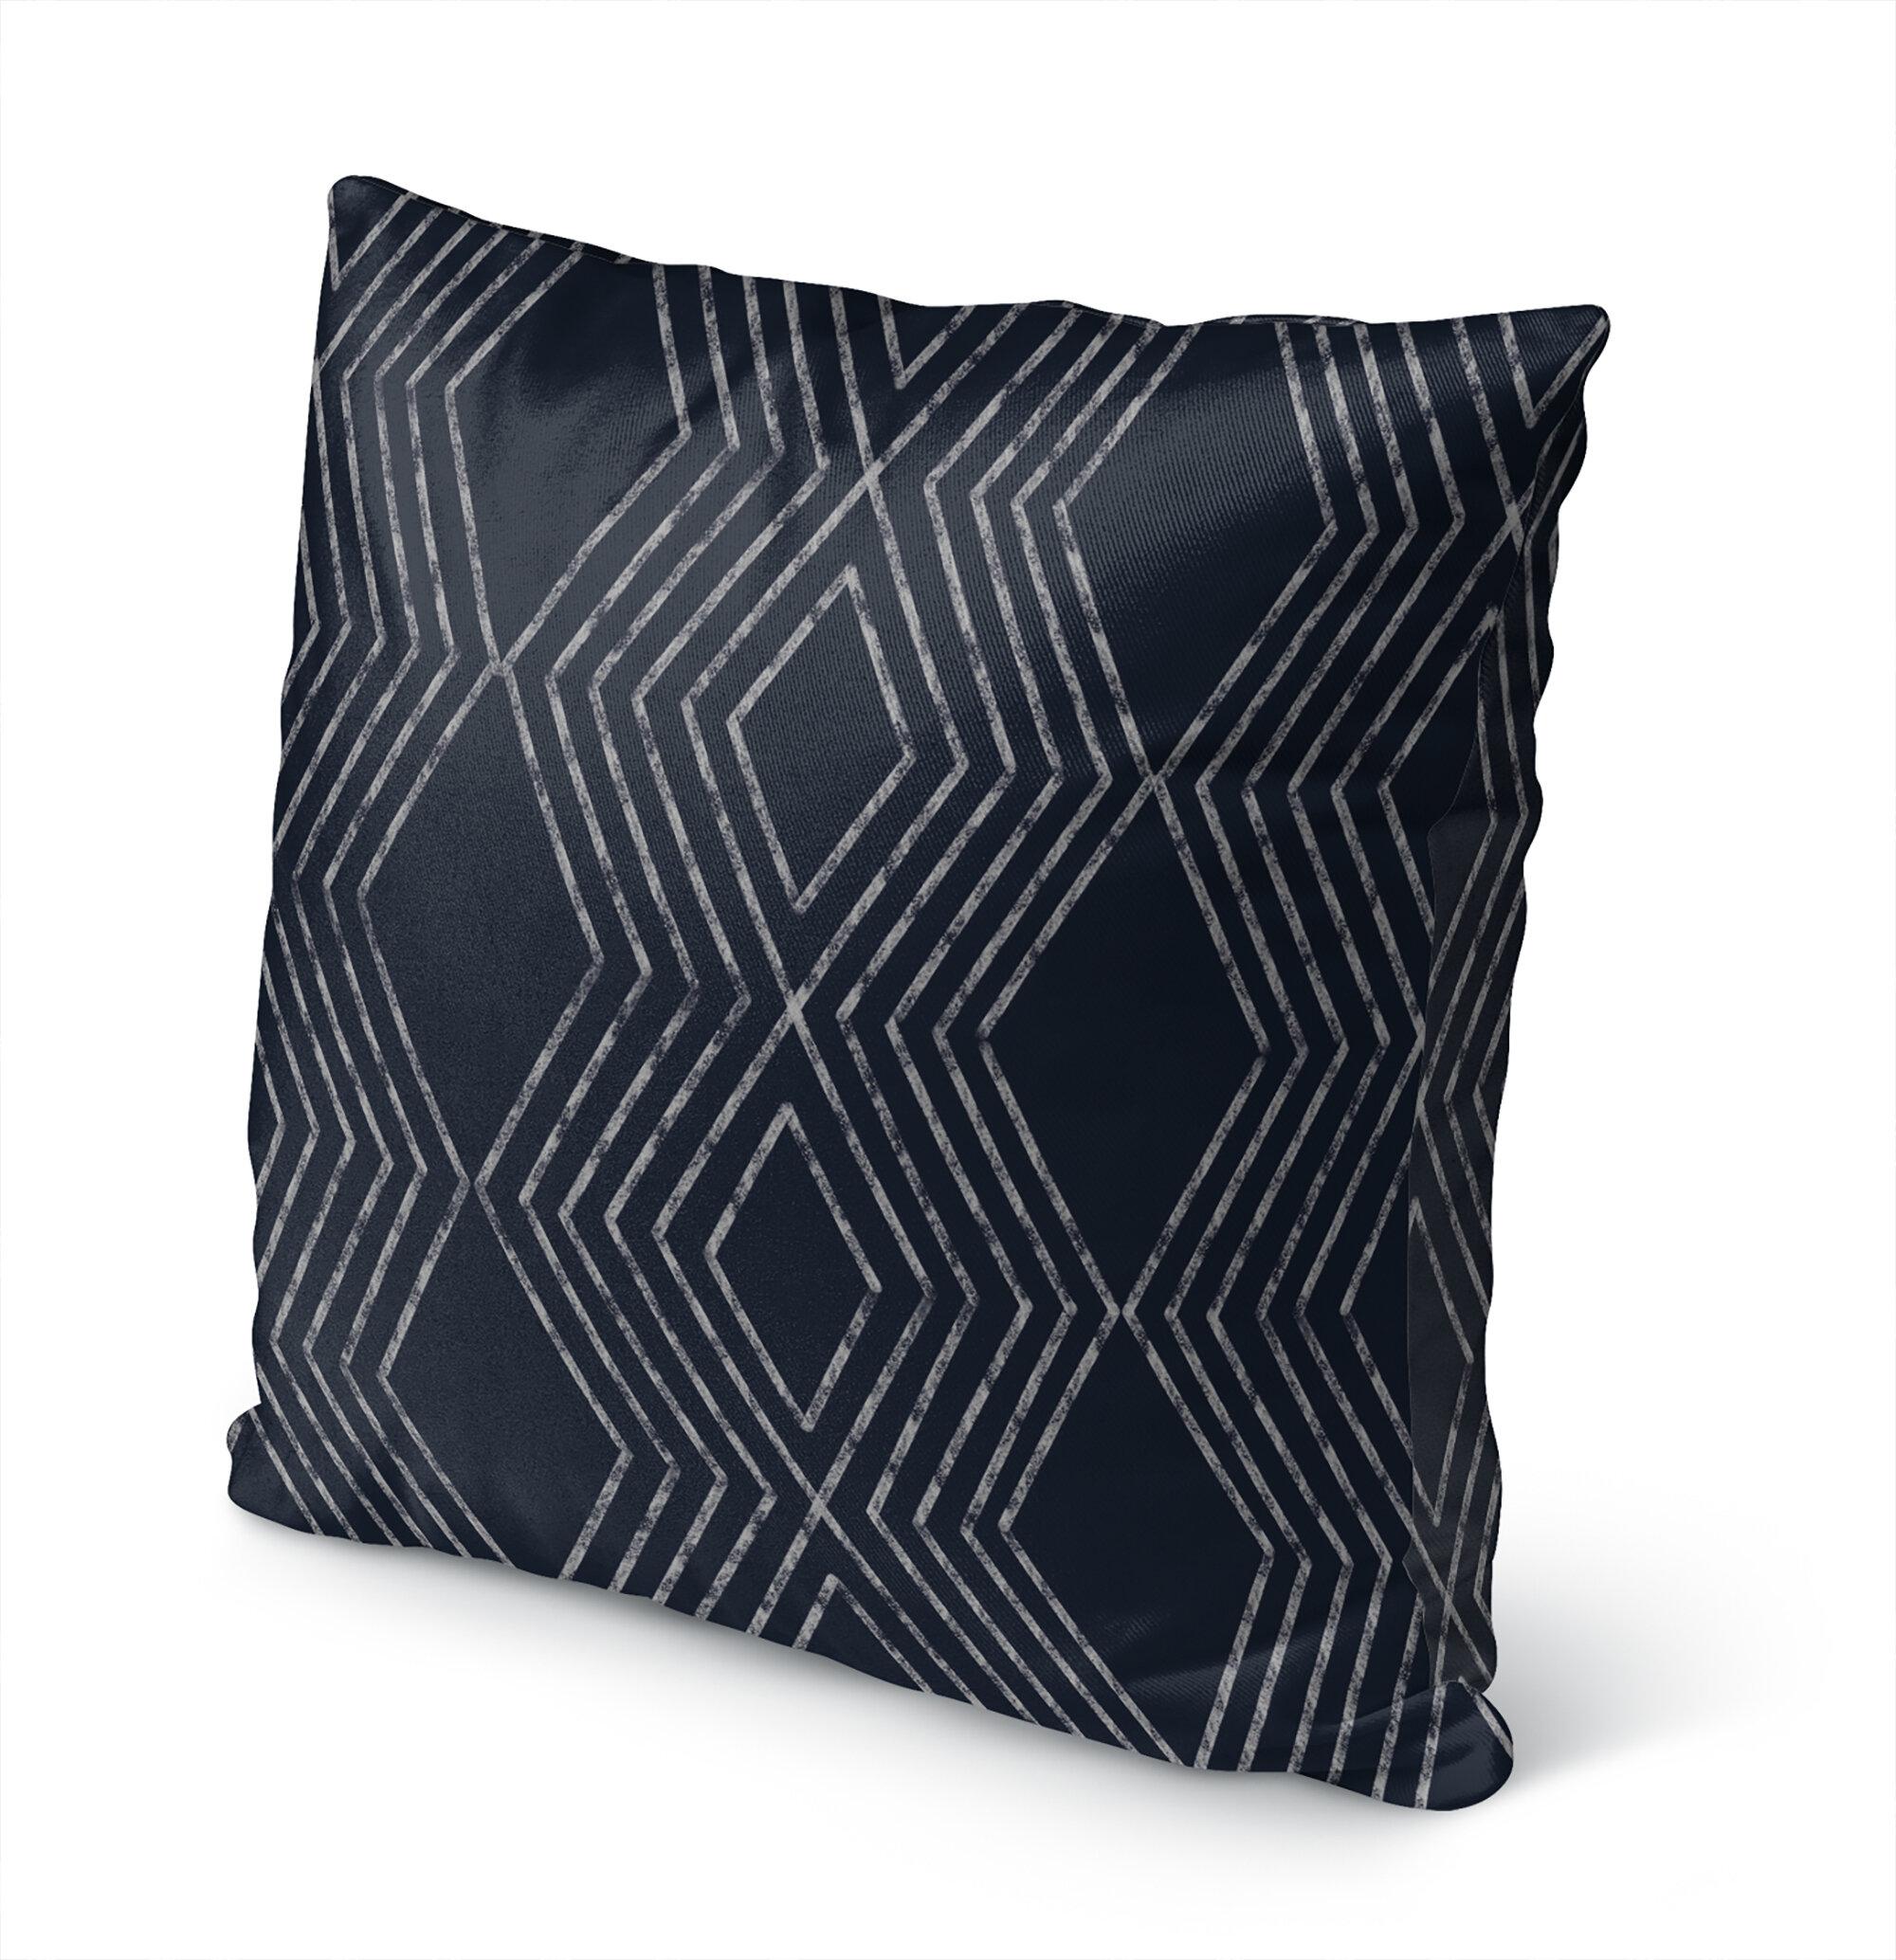 Navy Scandinavian Throw Pillows You Ll Love In 2021 Wayfair